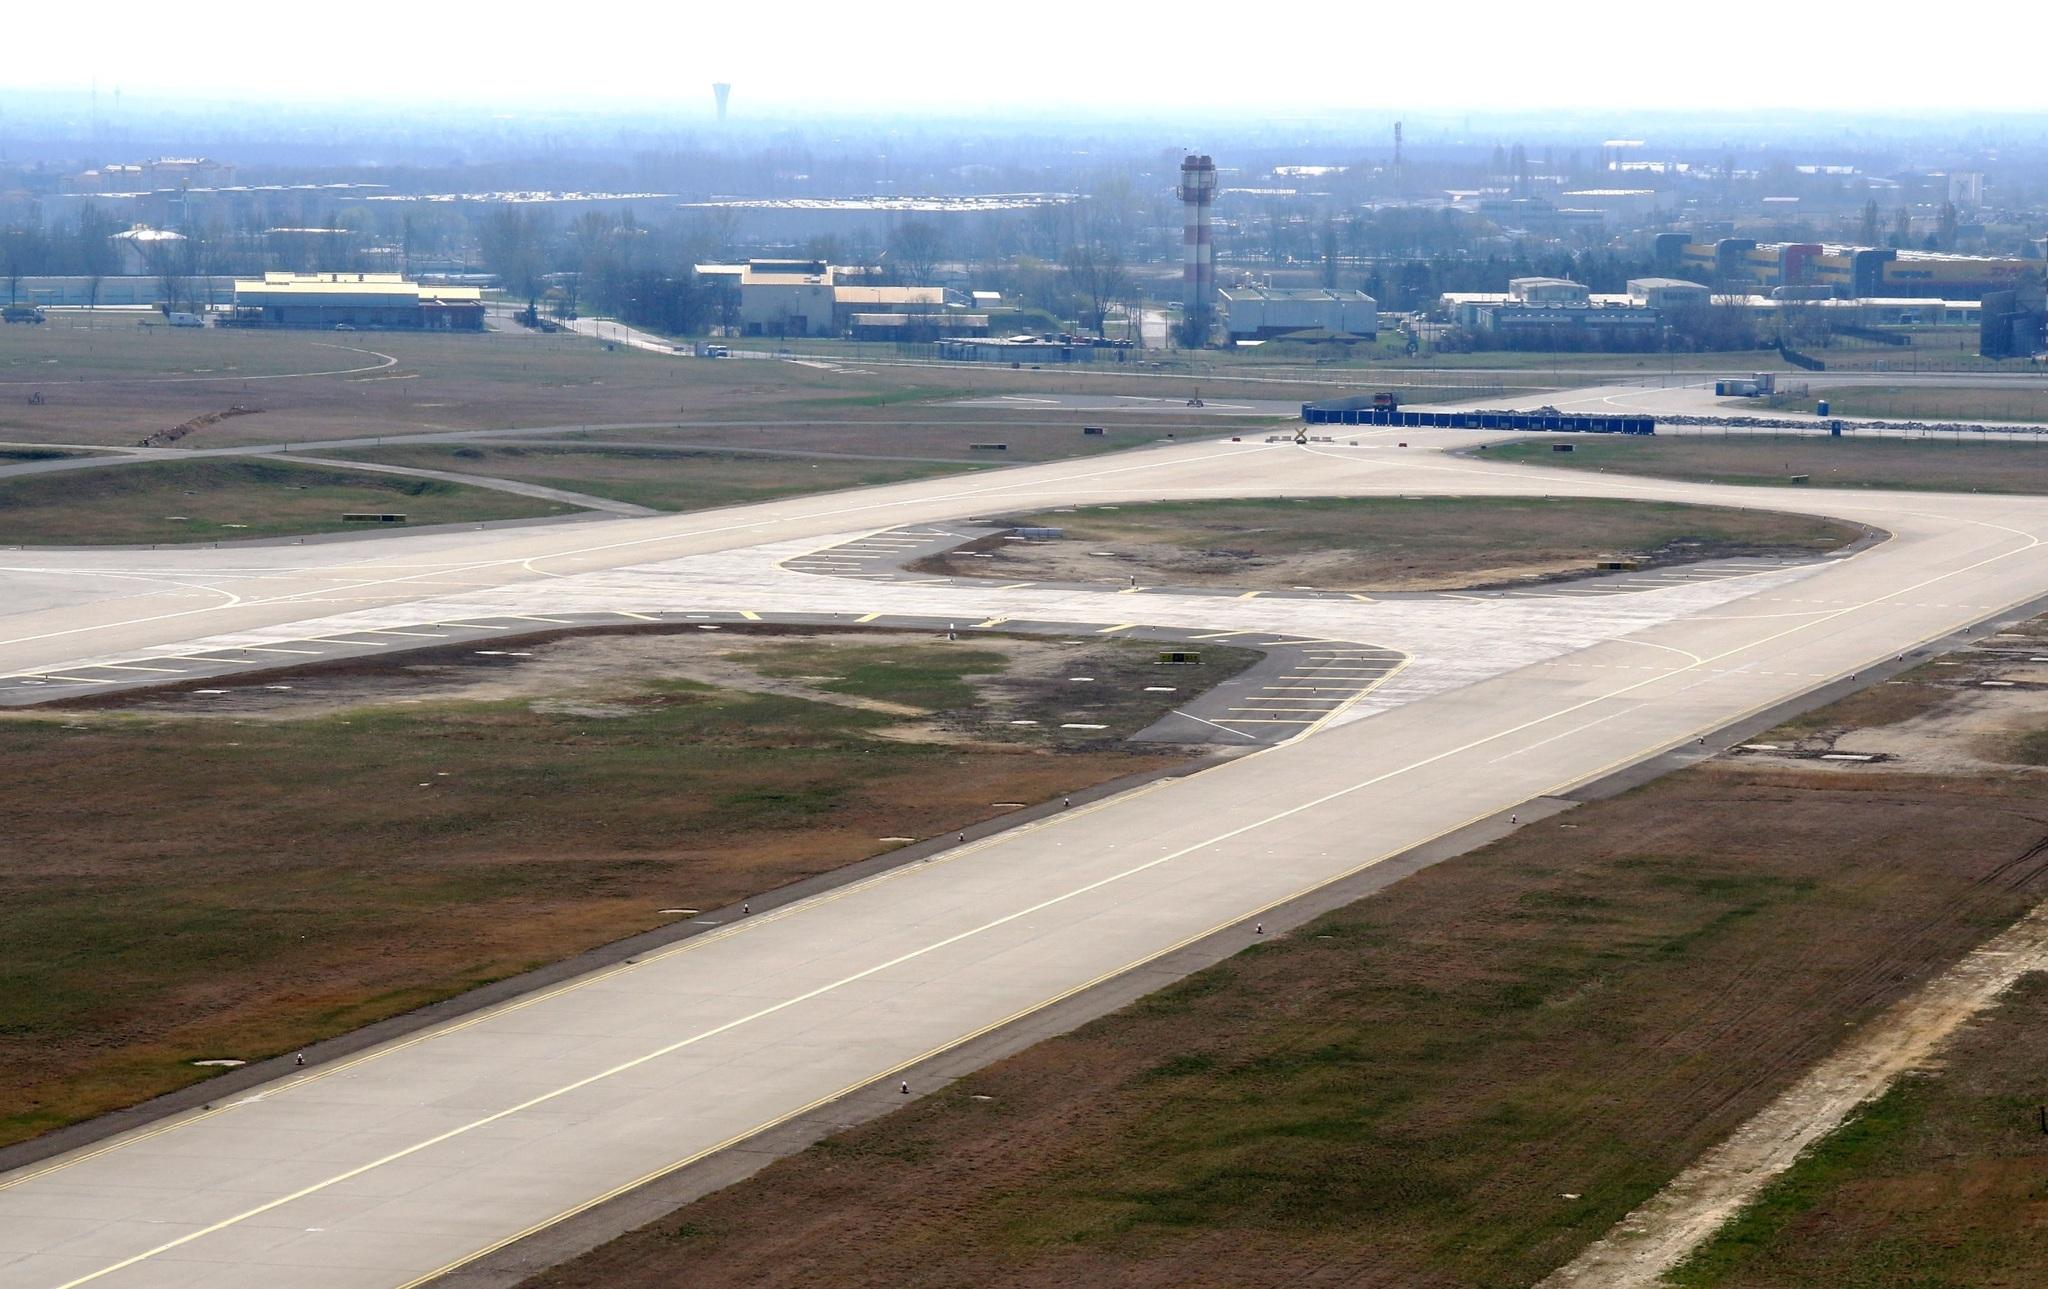 Új gurulóutat helyeztek üzembe a Liszt Ferenc Nemzetközi Repülőtéren